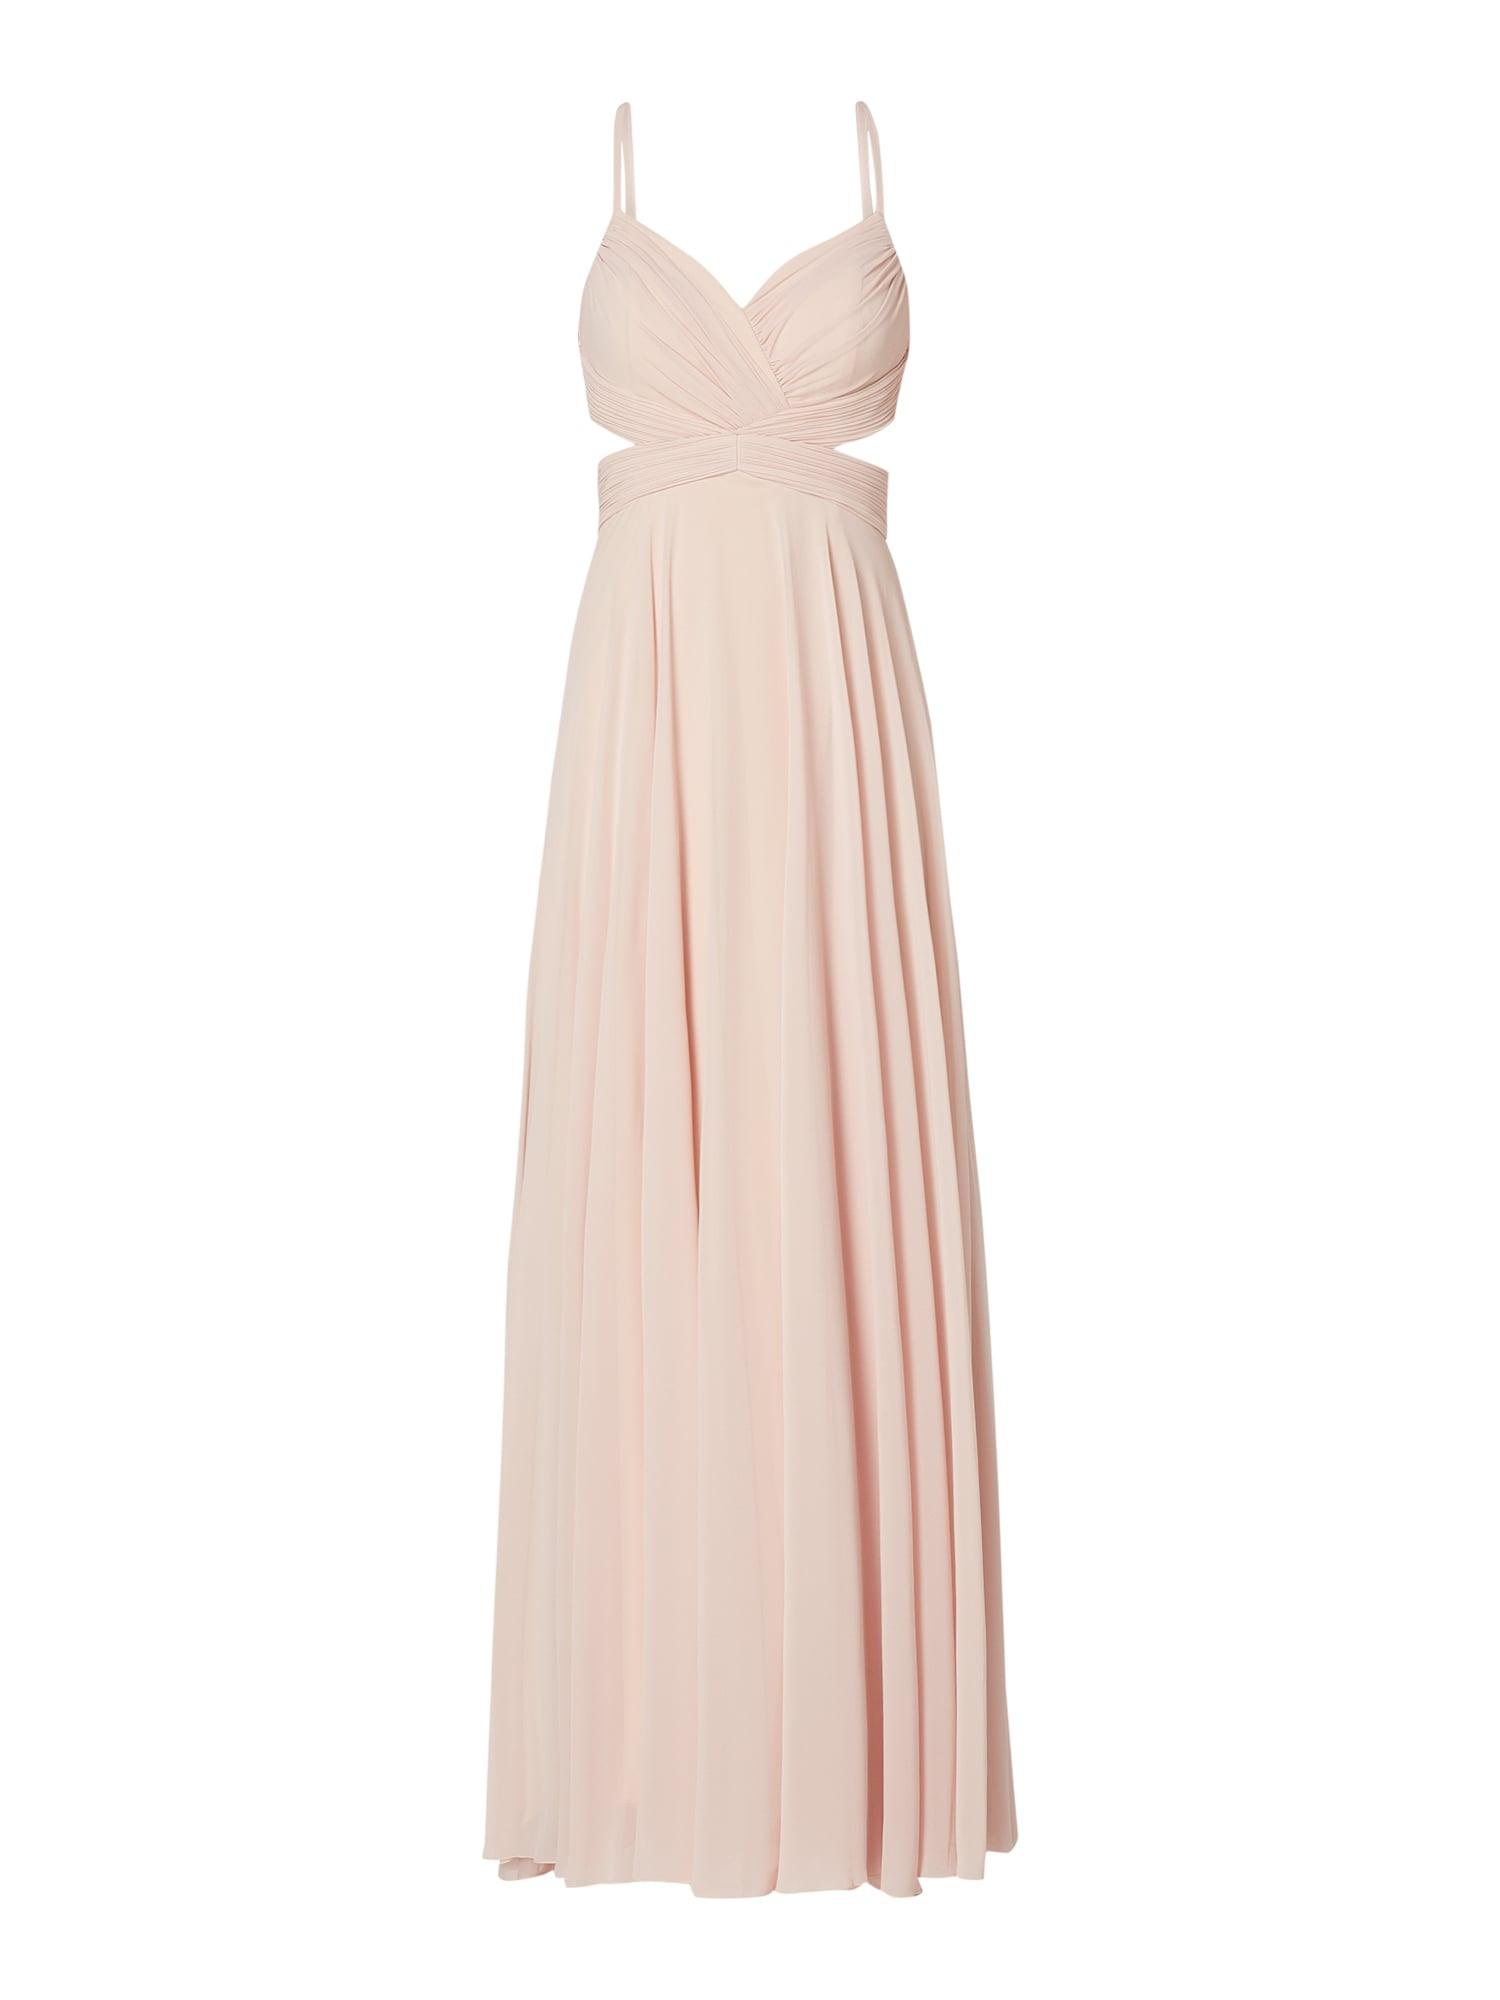 Formal Cool Troyden Collection Abendkleid für 201910 Leicht Troyden Collection Abendkleid Spezialgebiet